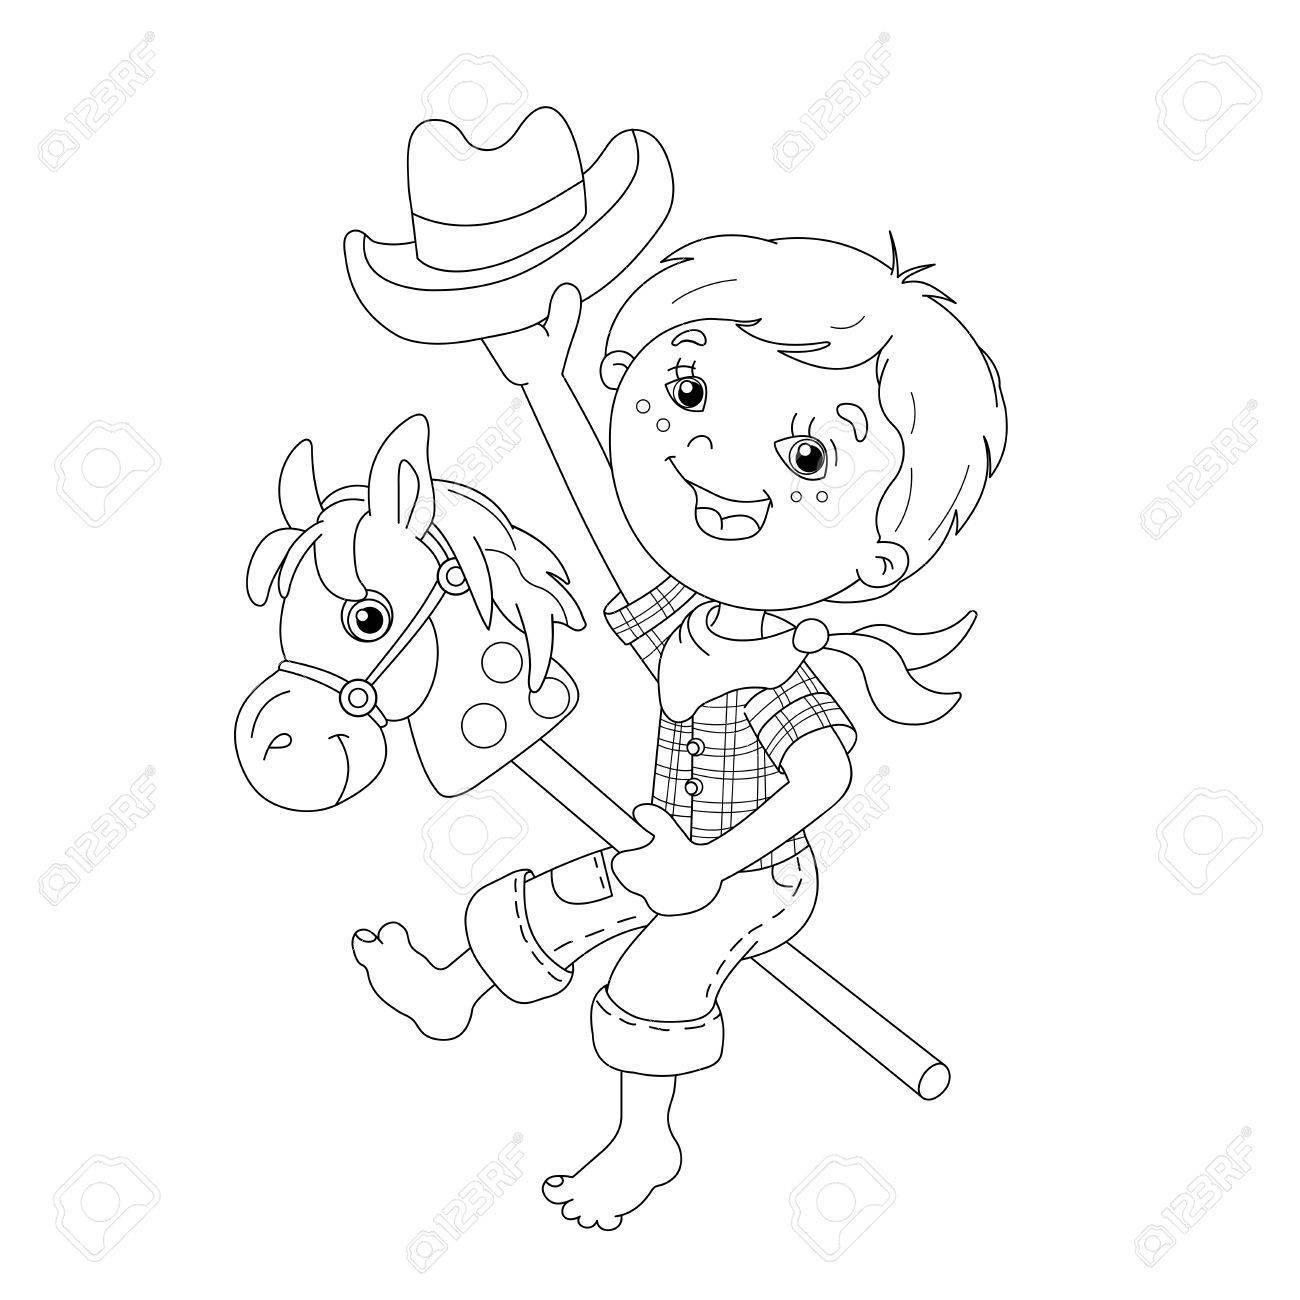 Página Para Colorear Esquema Del Muchacho De La Historieta Que Juega Vaquero Con El Caballo Del Juguete Libro De Colorear Para Niños